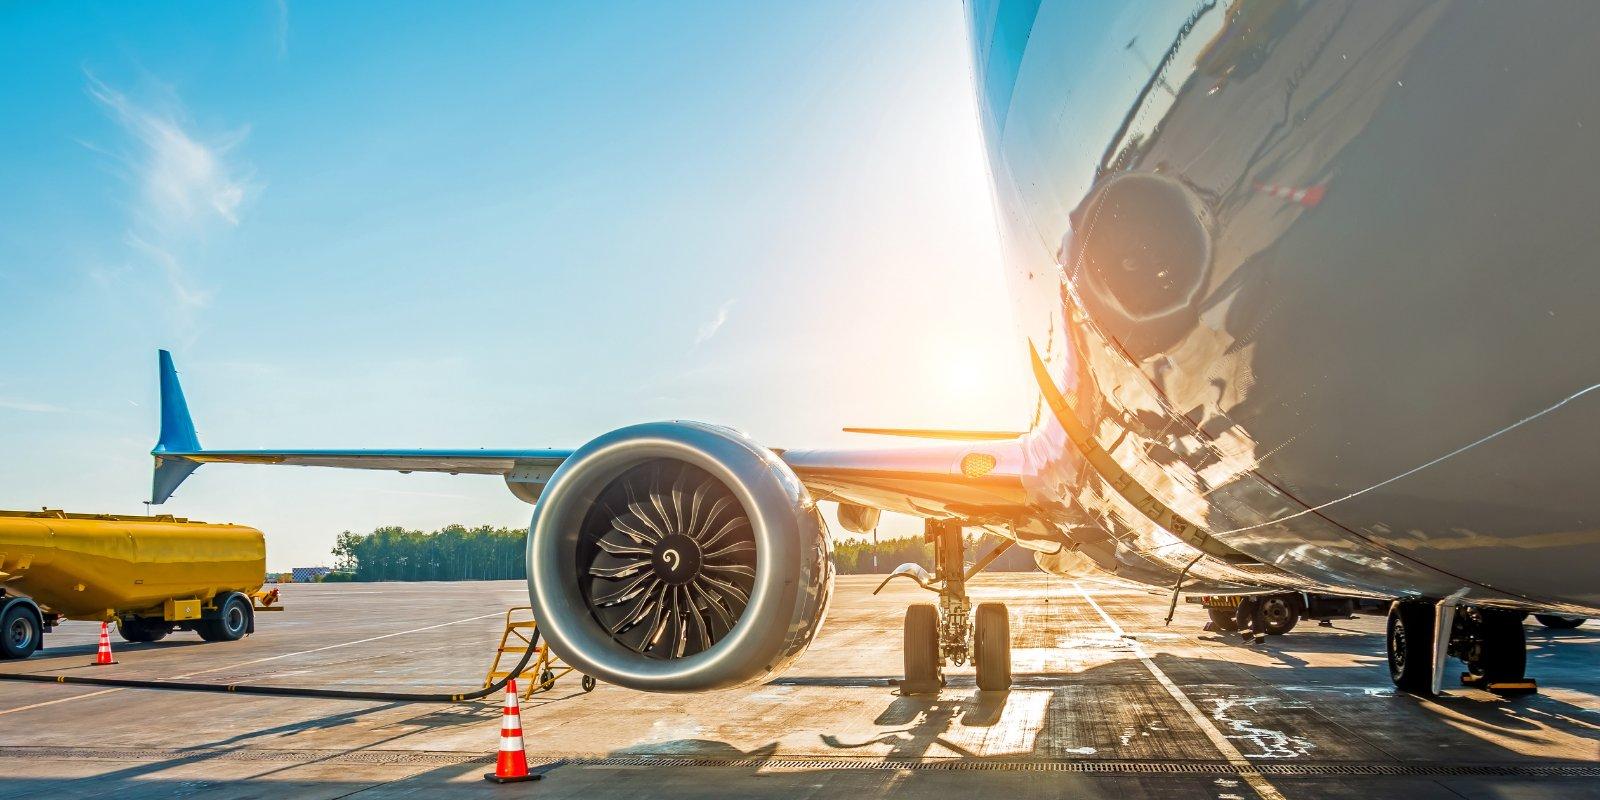 Elenco migliori compagnie aeree